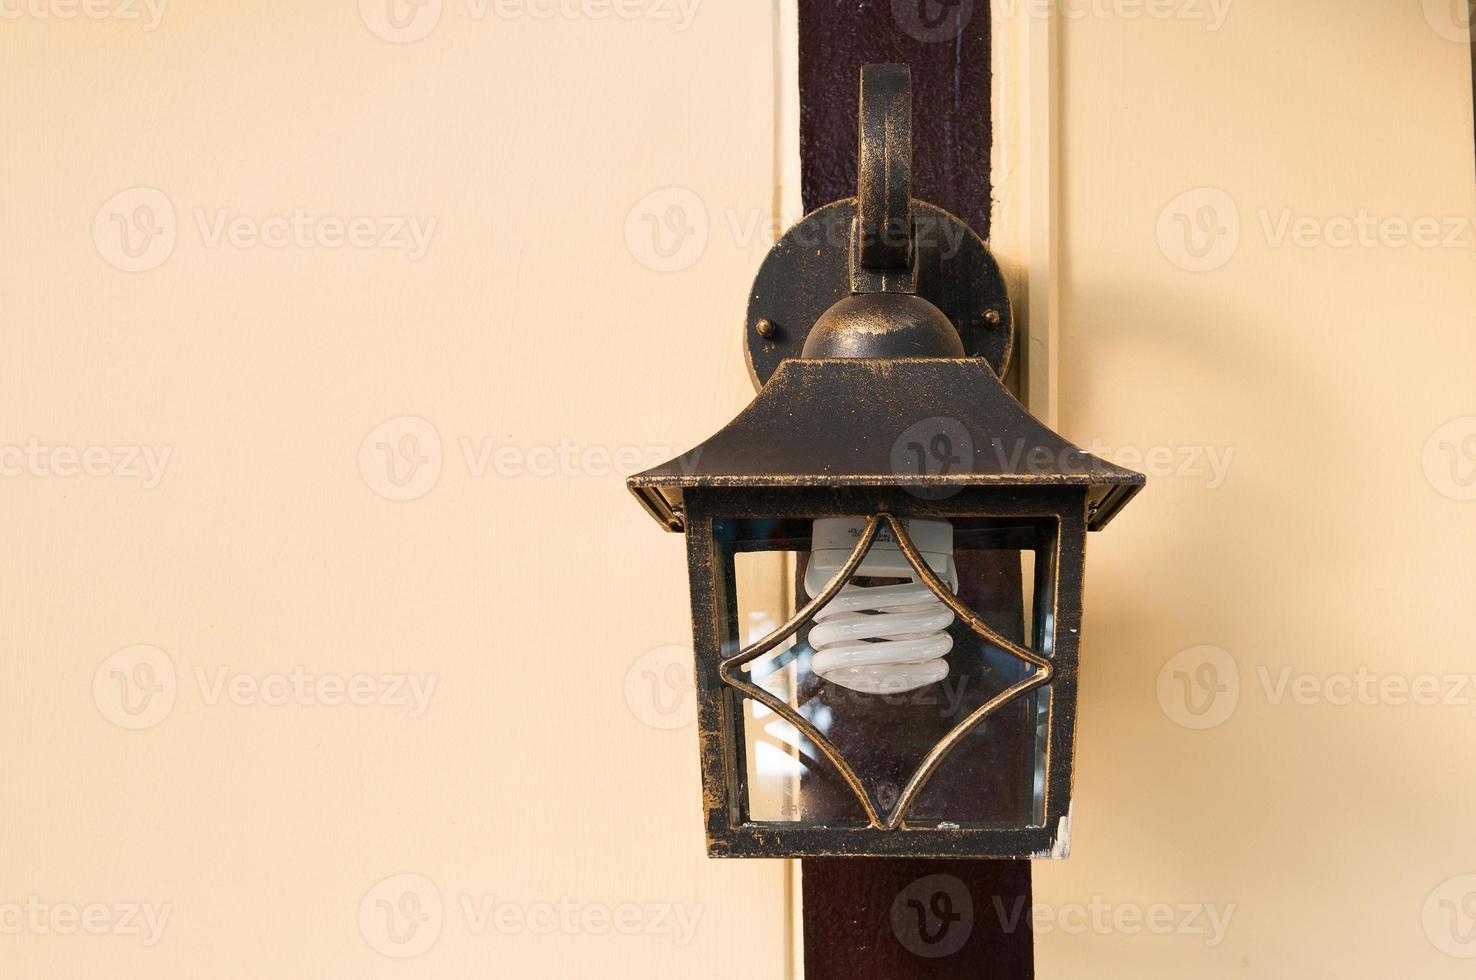 lâmpada de parede foto